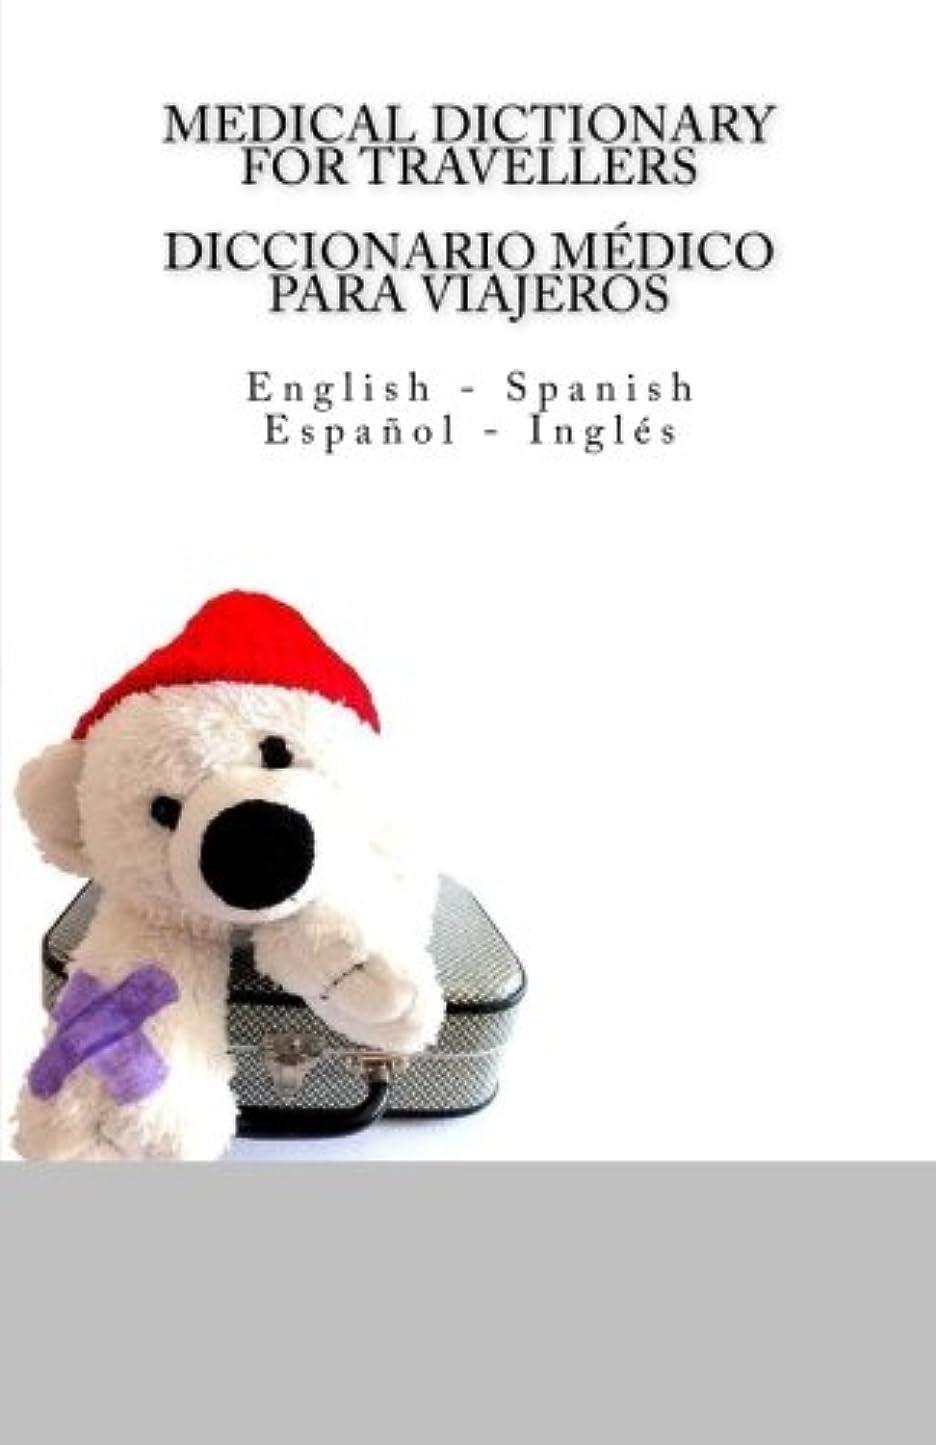 債務者変更可能ほめるMedical Dictionary for Travellers / Diccionario medico para viajeros: English - Spanish / Espanol - Ingles